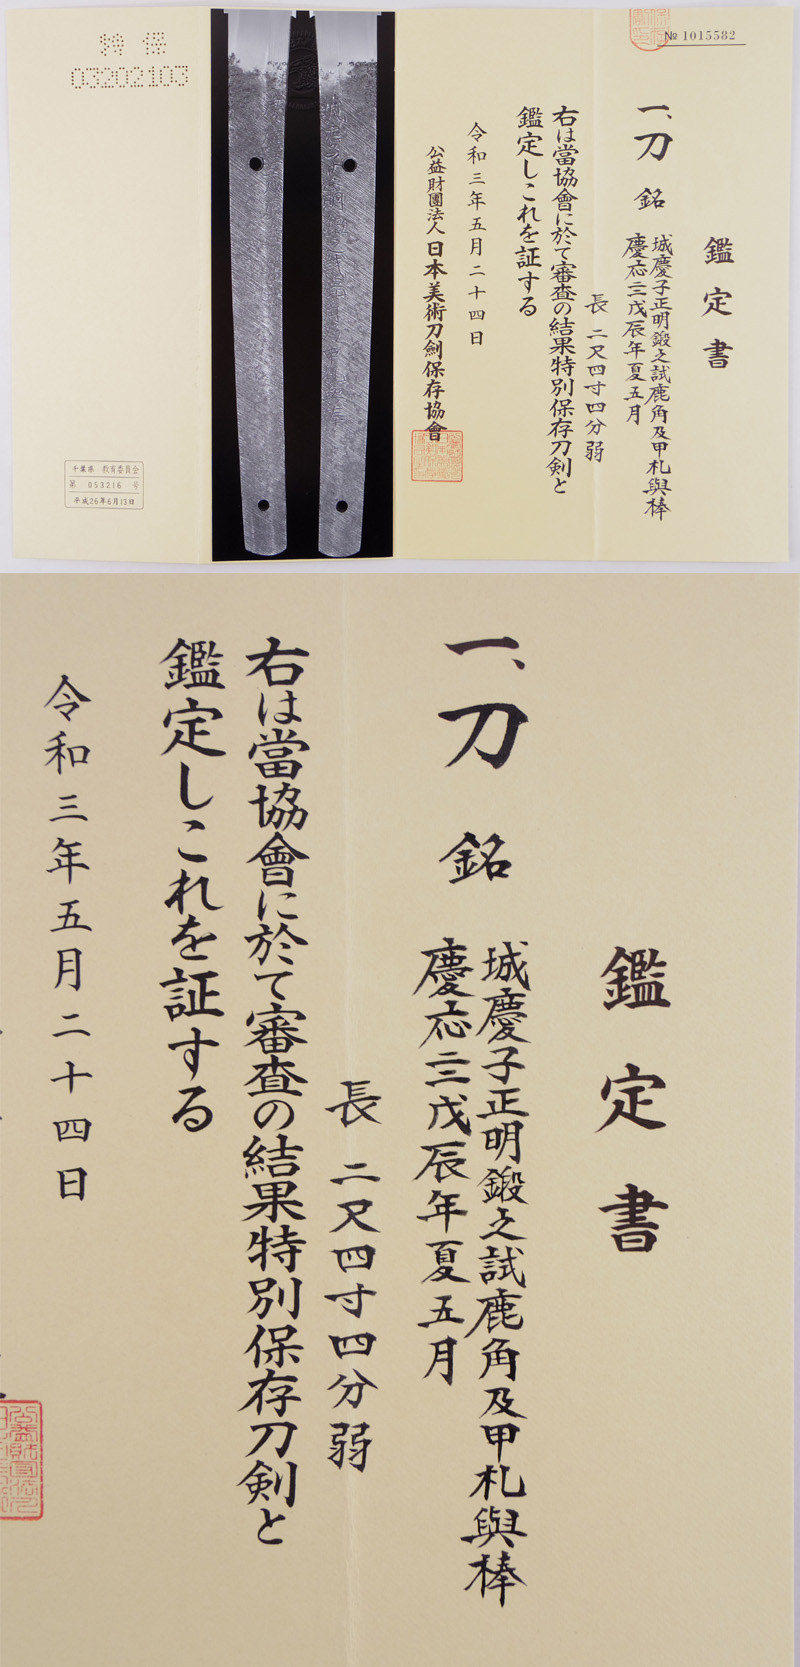 刀 城慶子正明鍛之試鹿角及甲礼與棒 (新々刀上作)  慶応二二戌辰年夏五月 鑑定書画像